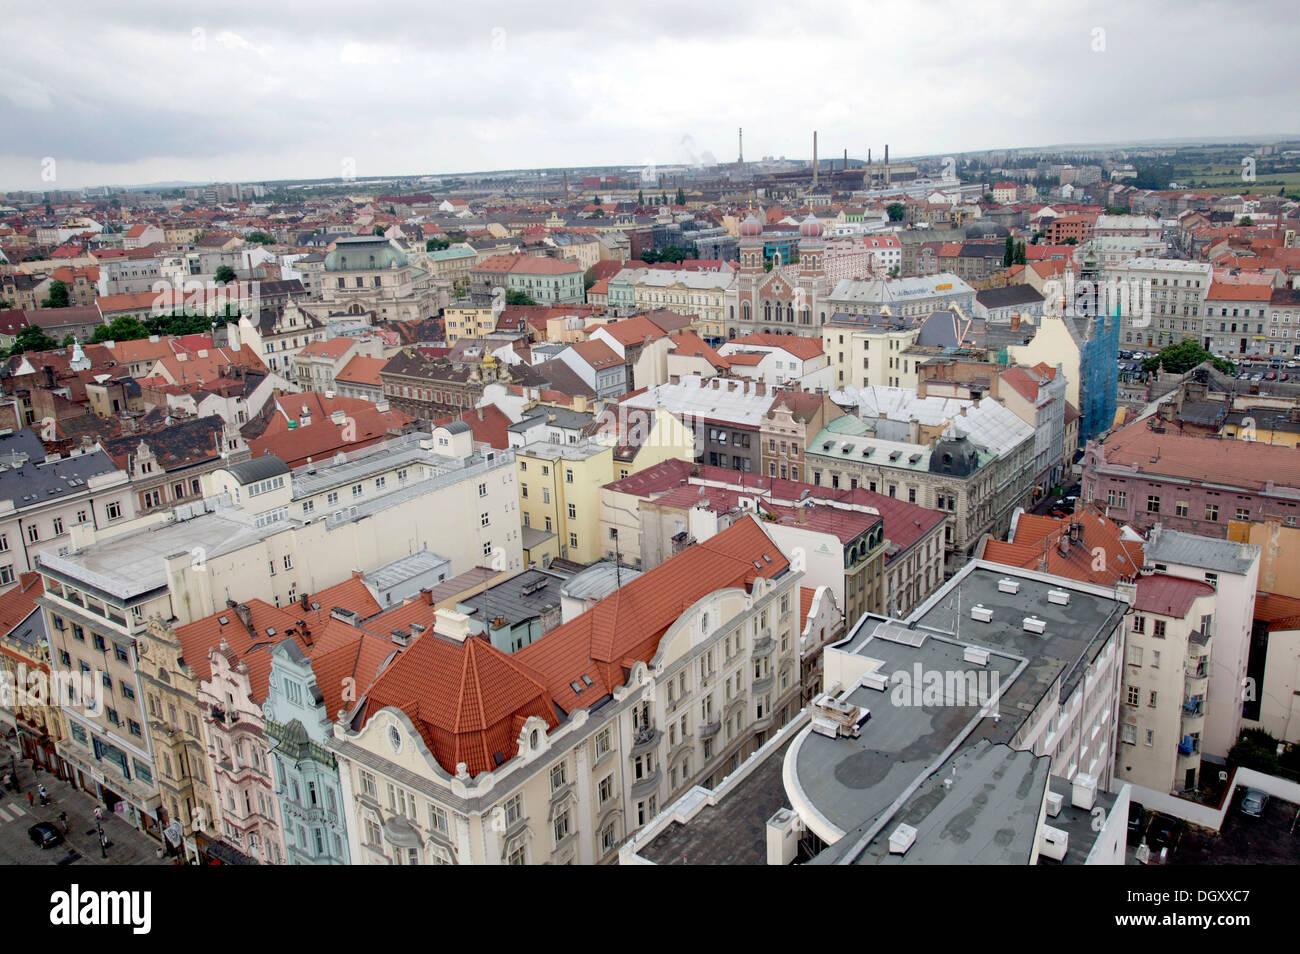 Blick auf die Altstadt und weitere Teile von Pilsen, Pilsen, Böhmen, Tschechische Republik, Europa. Stockbild